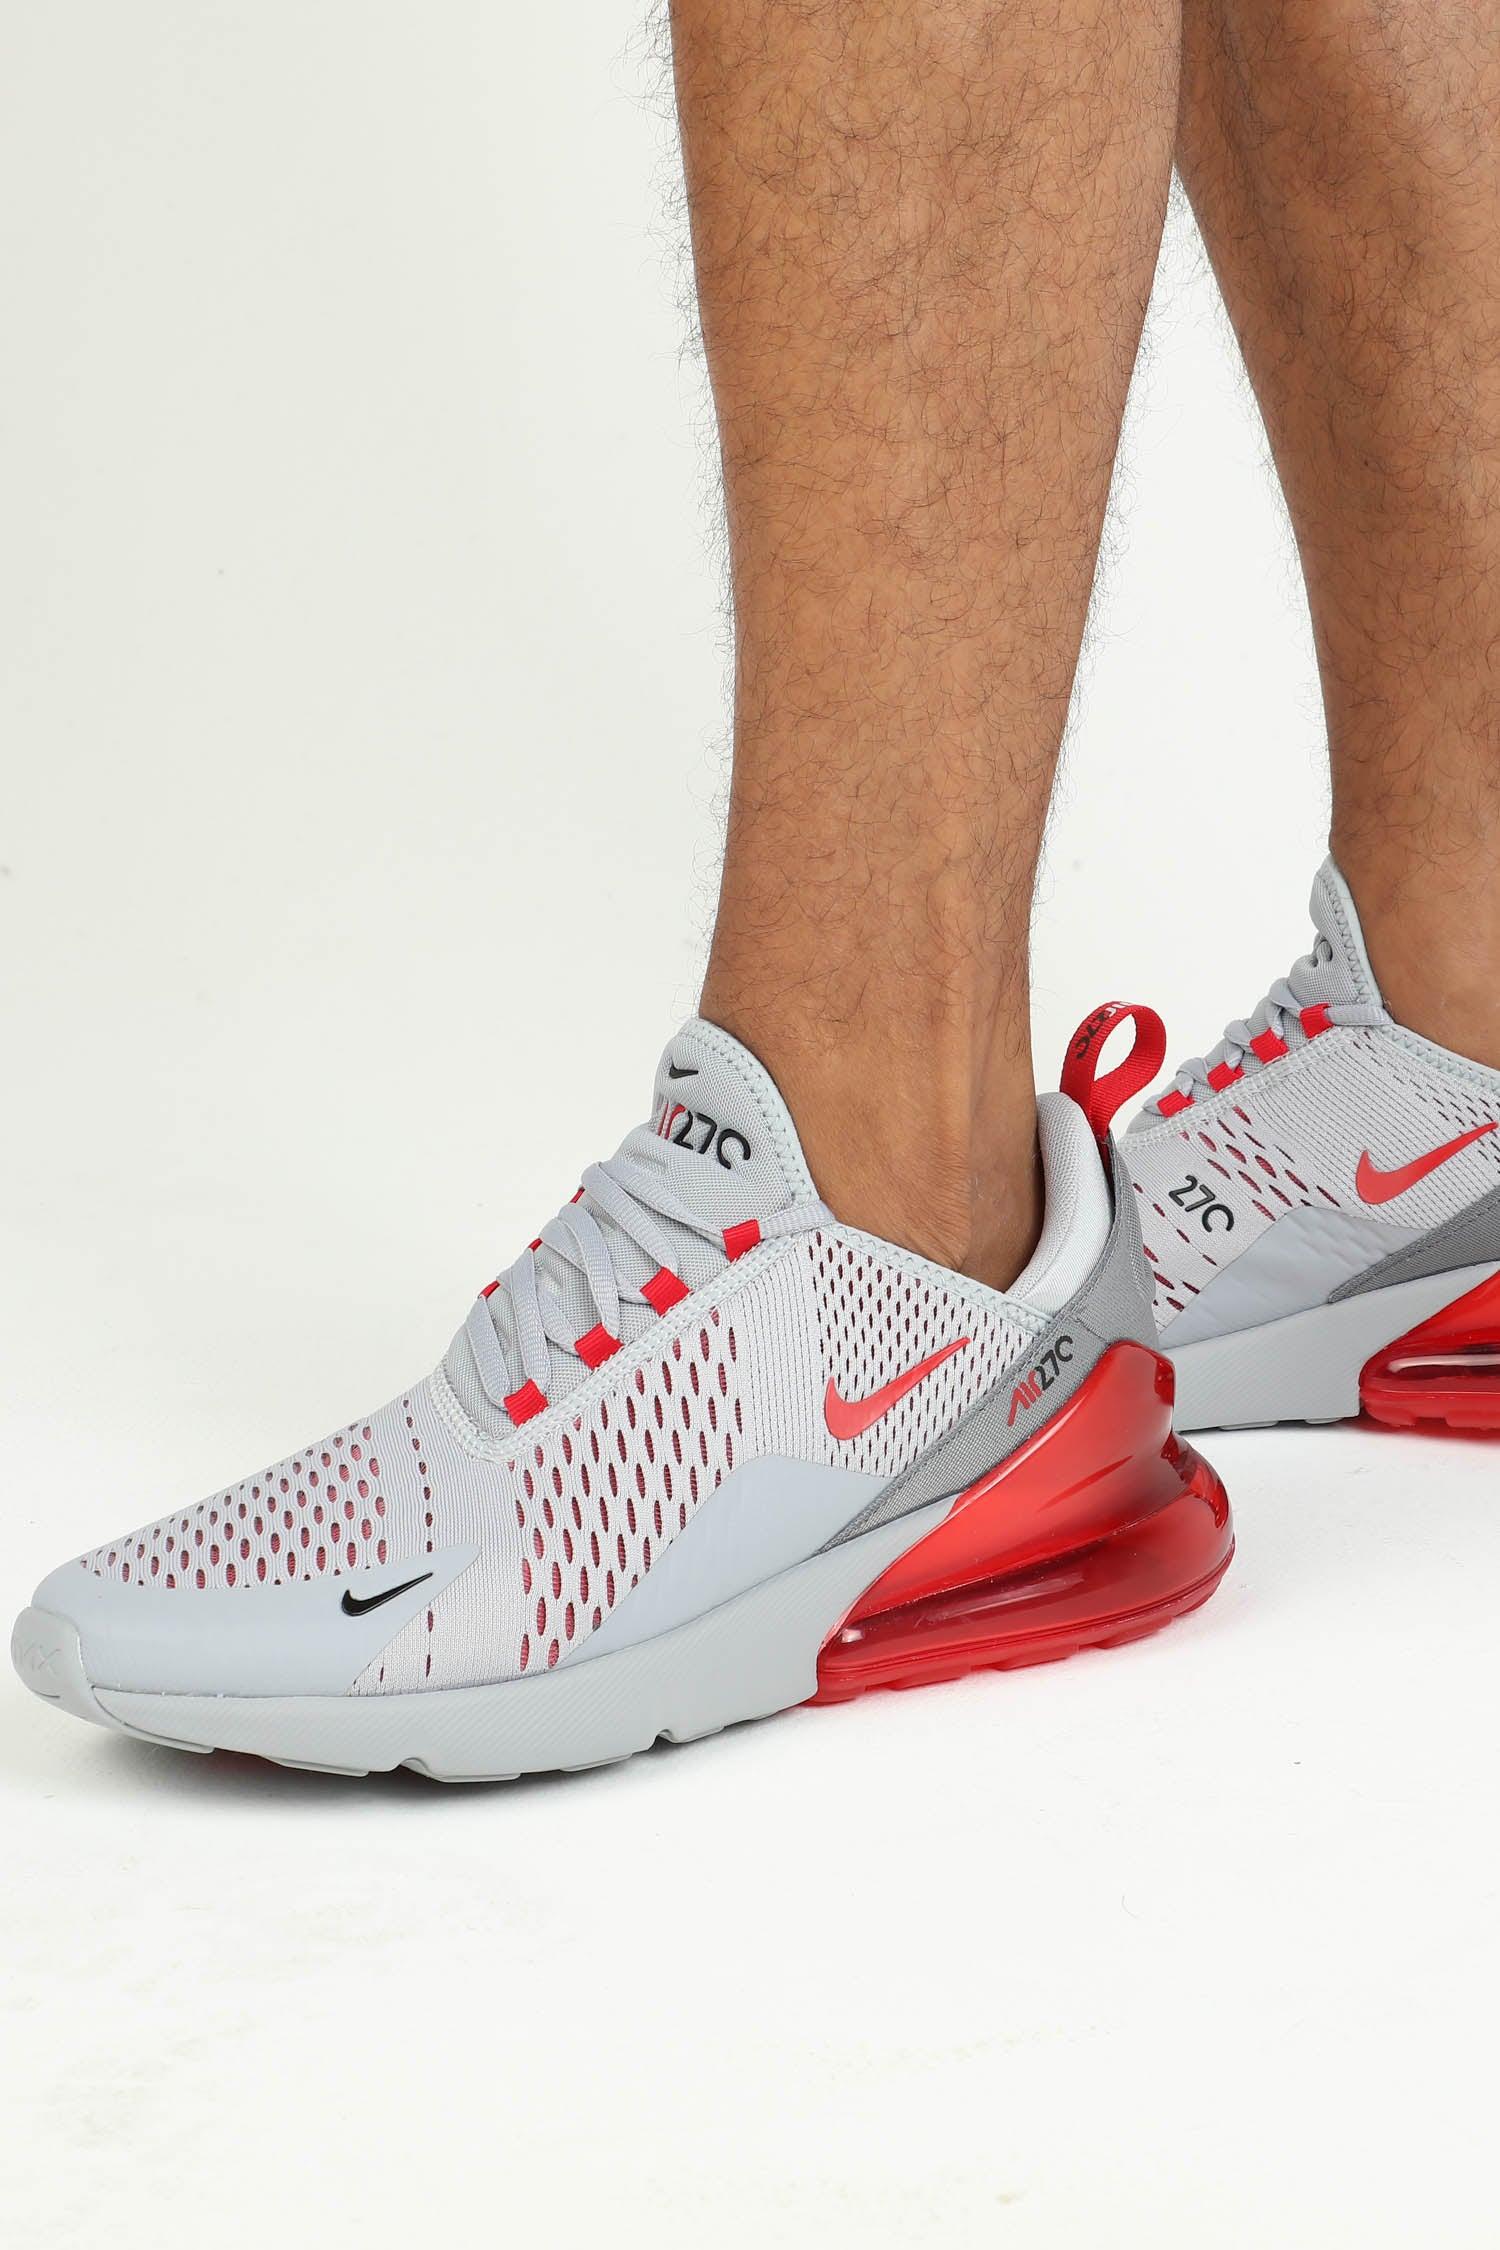 Nike Air Max 270 Grey/Red   Culture Kings